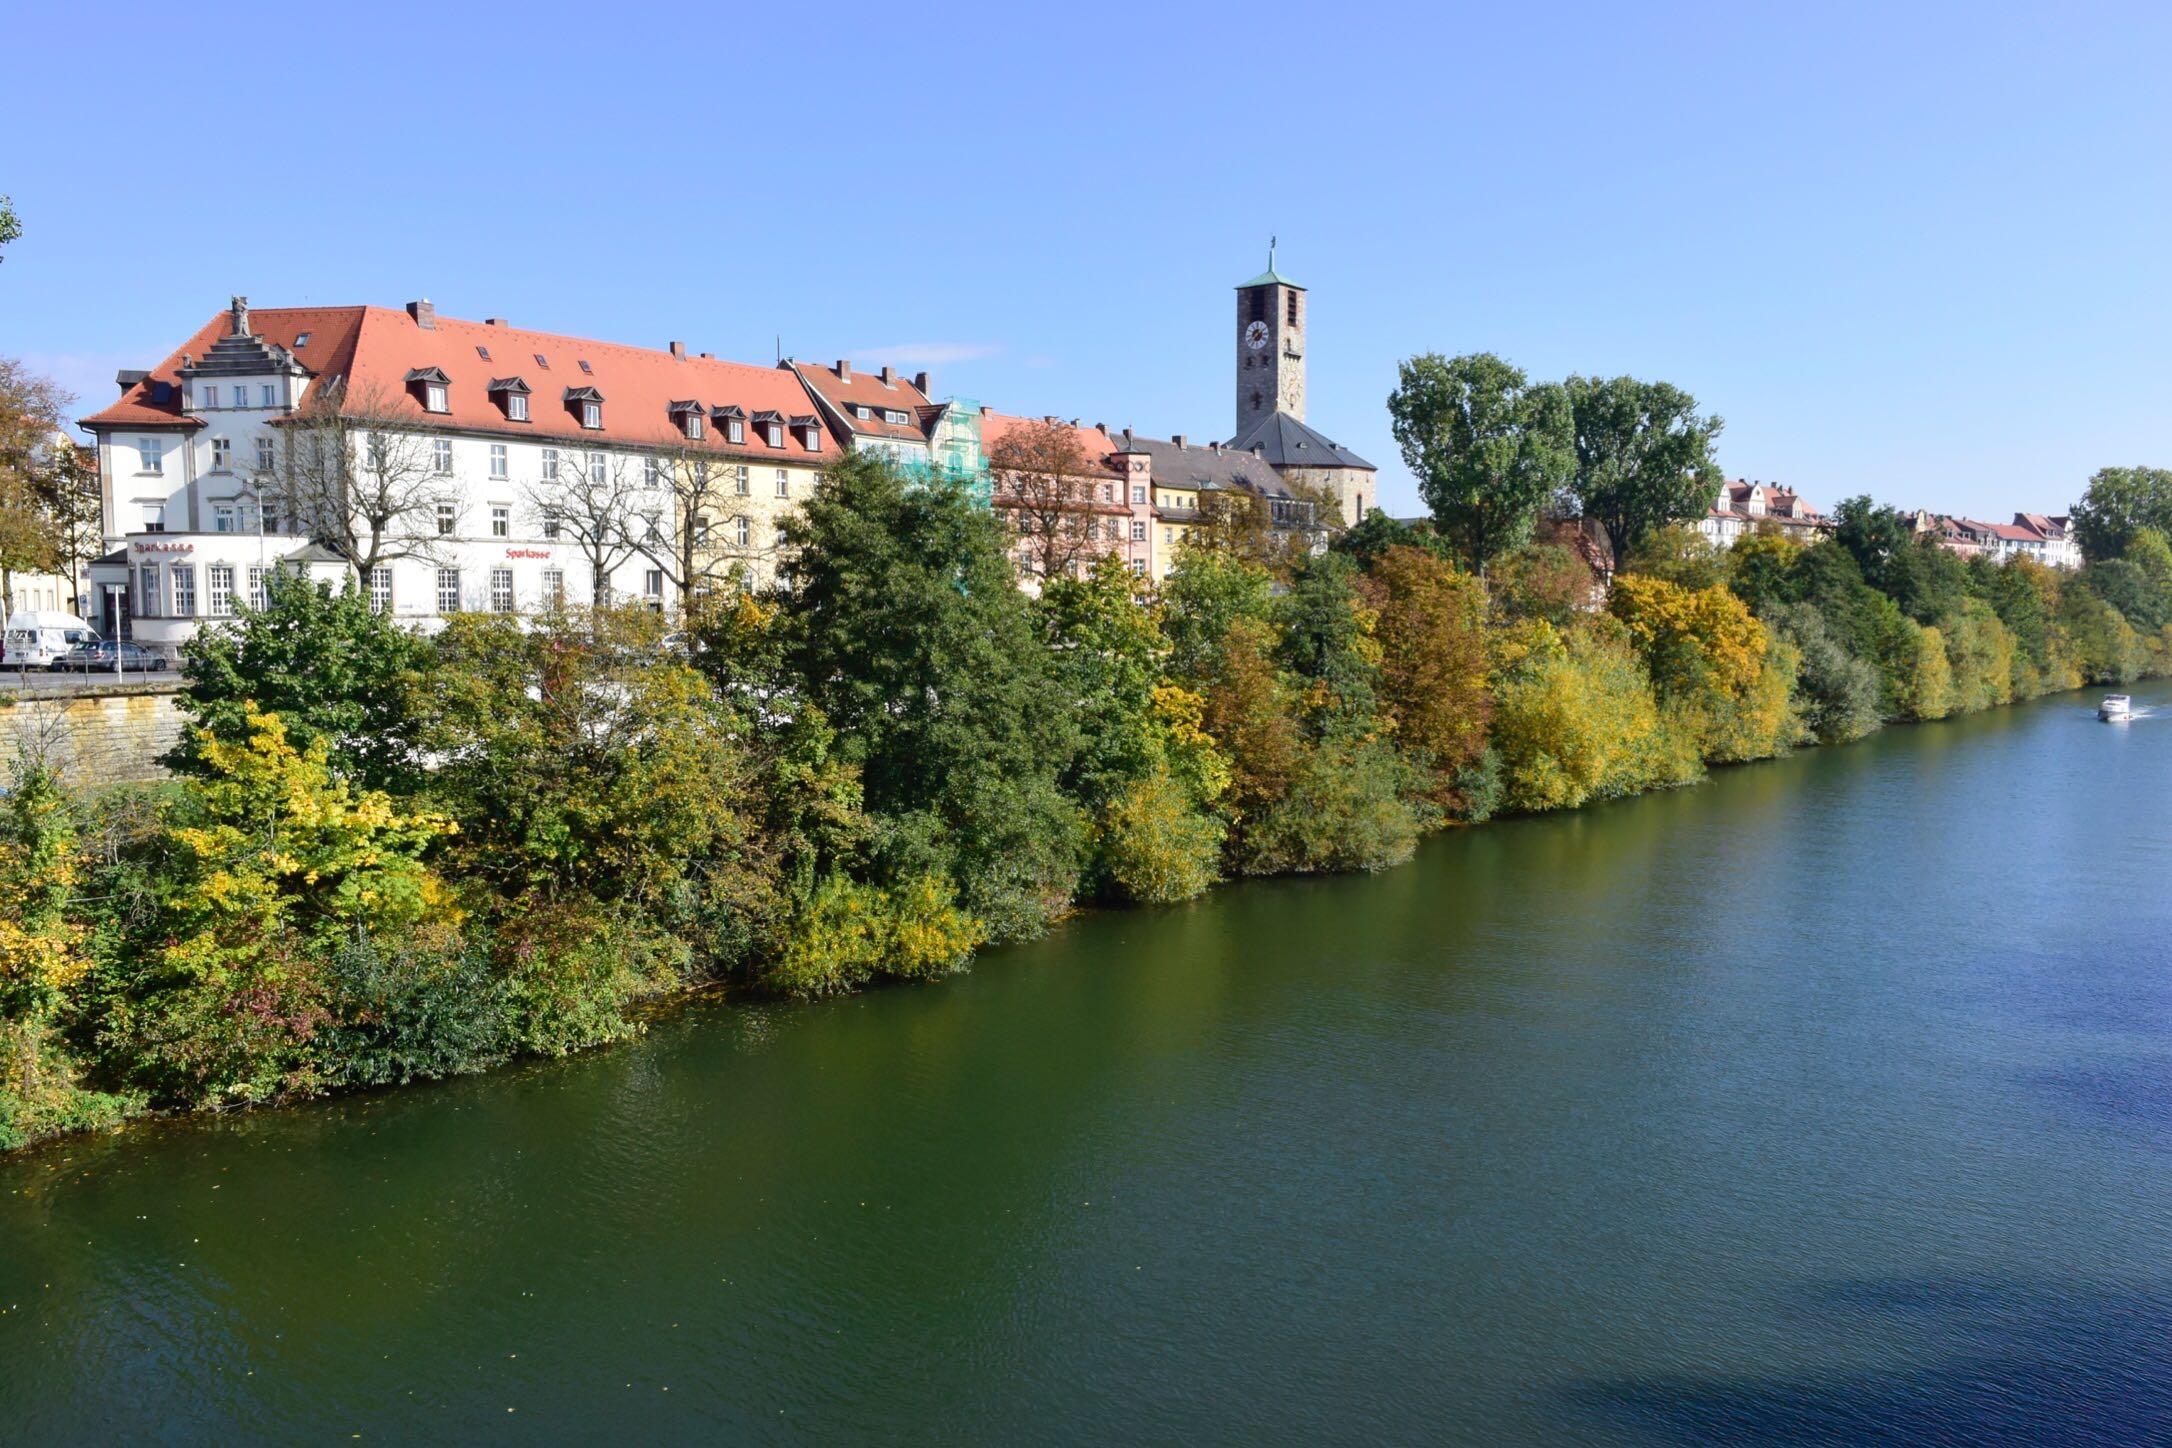 【海外】バンベルクでまたもやゲルマン胃袋に出会う:このシュニッツェルは座布団か?